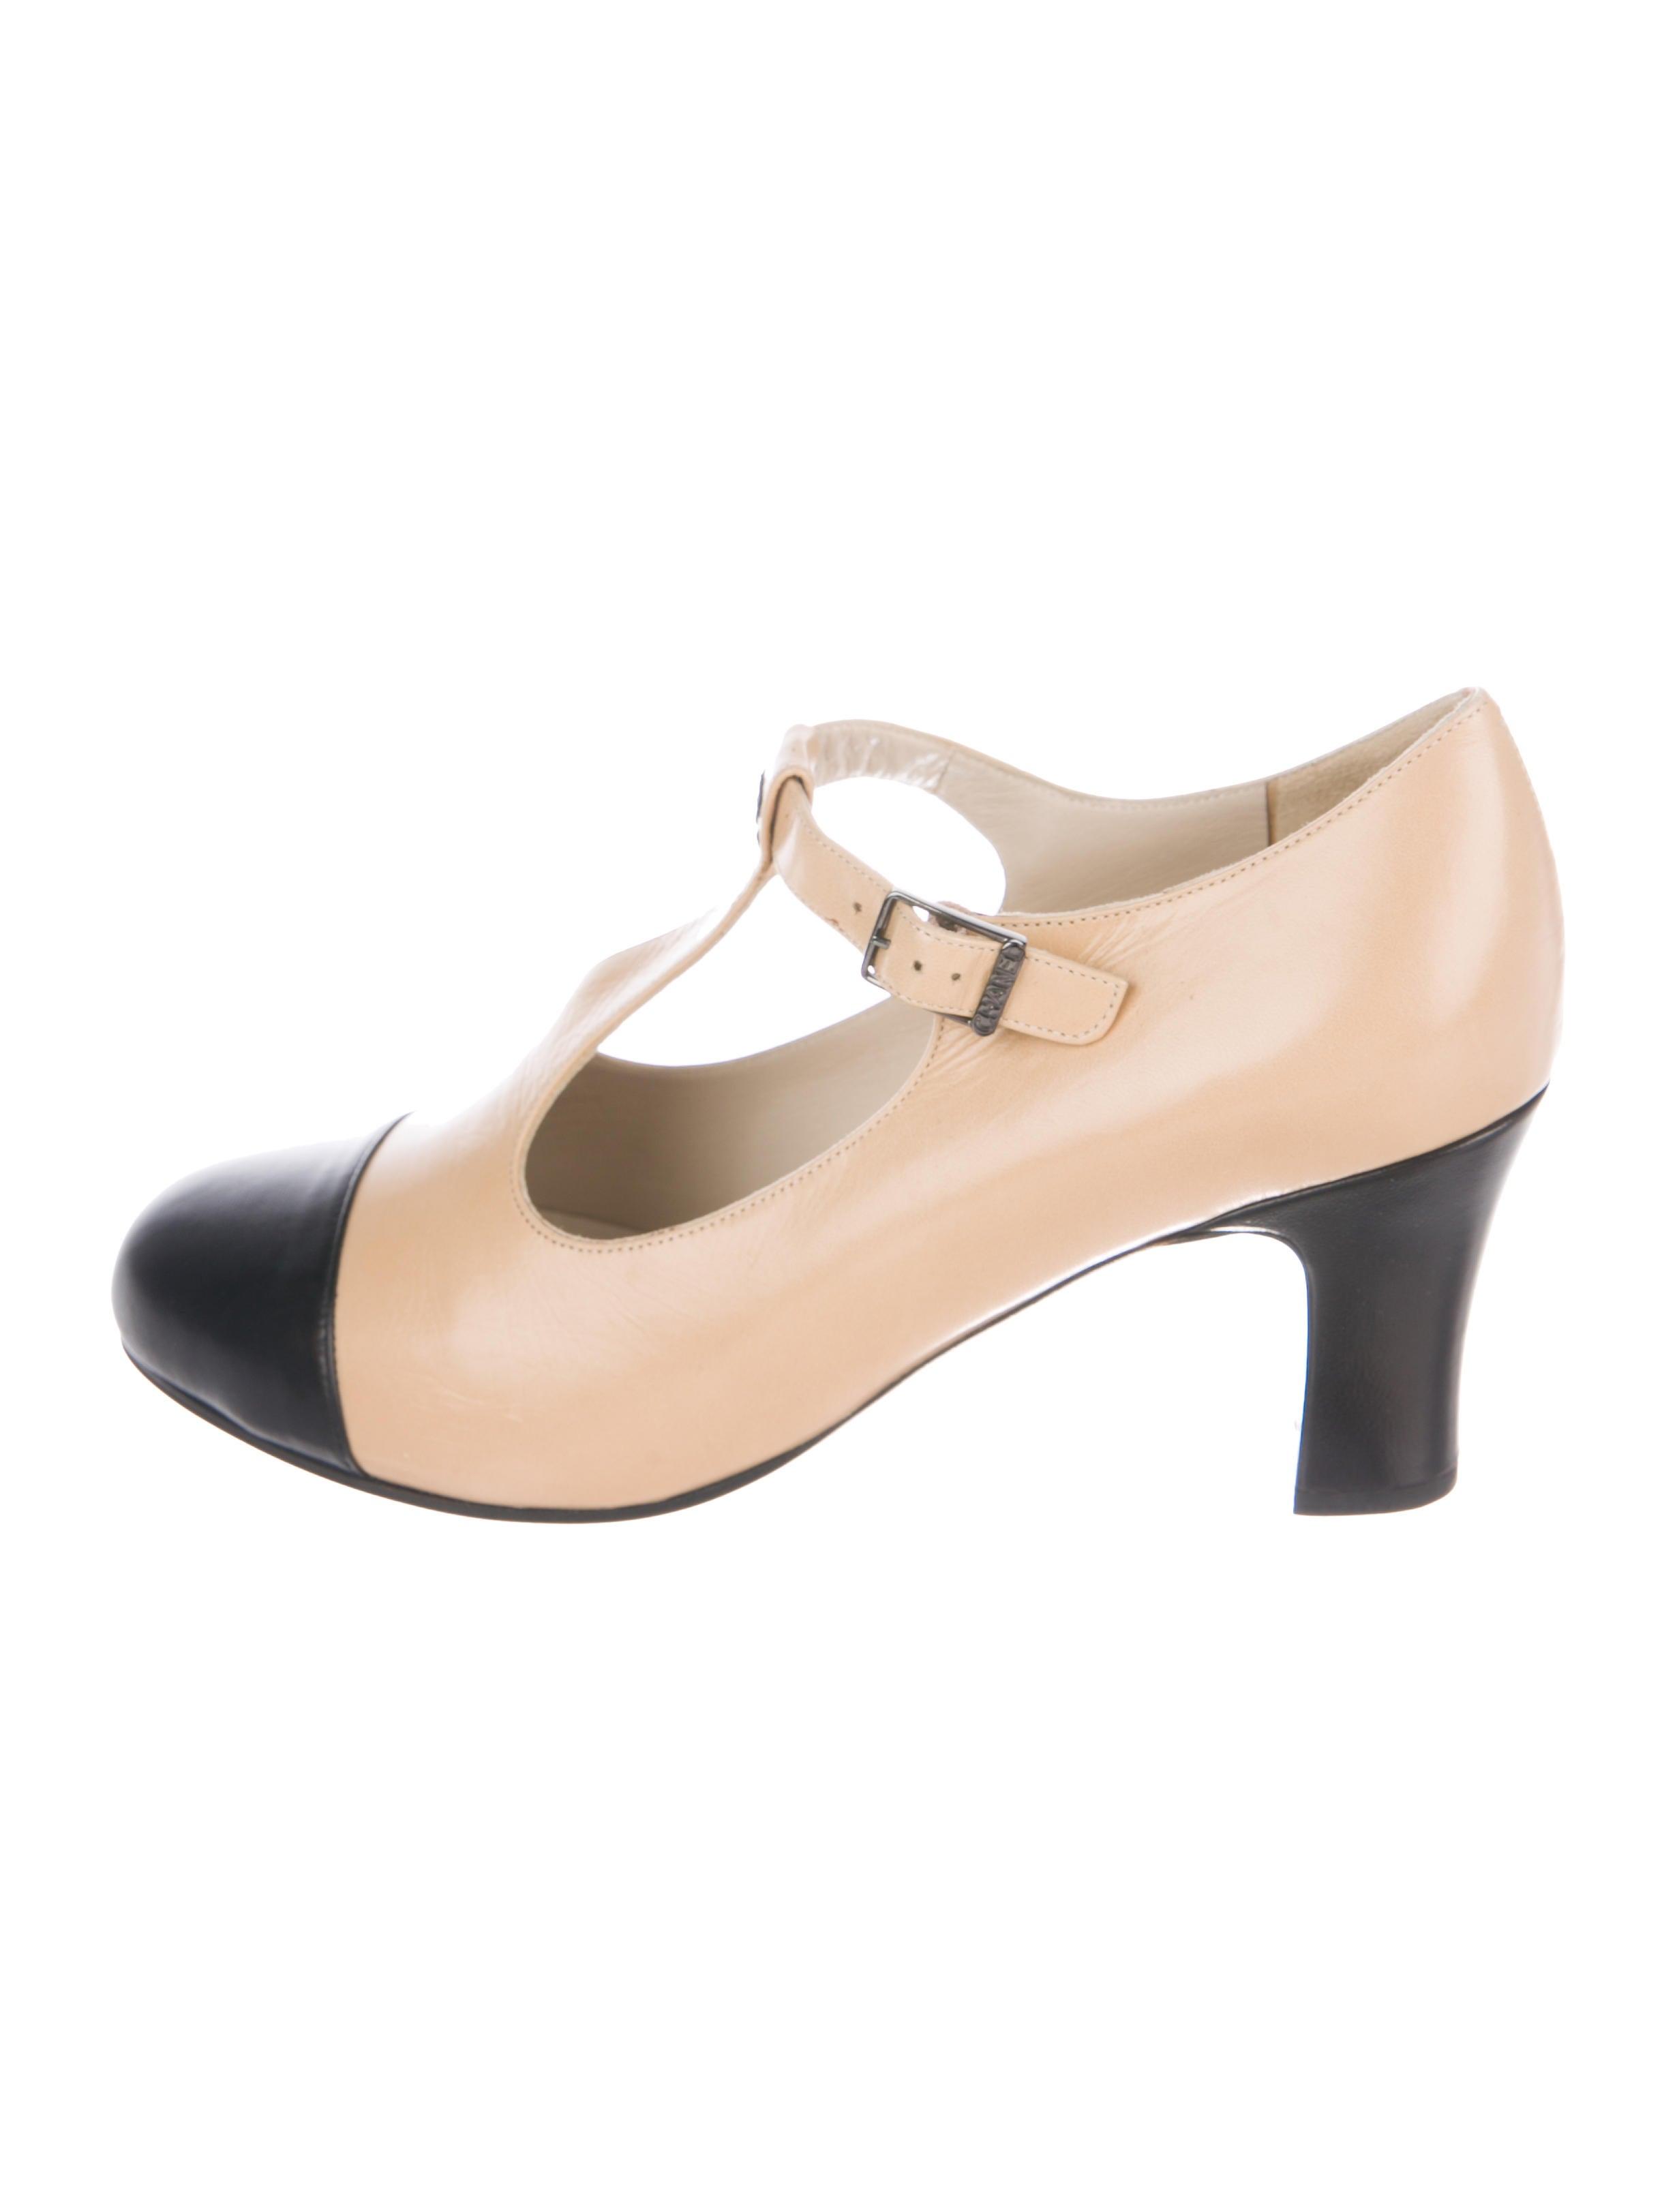 9173b42d7af4 Chanel Shoes